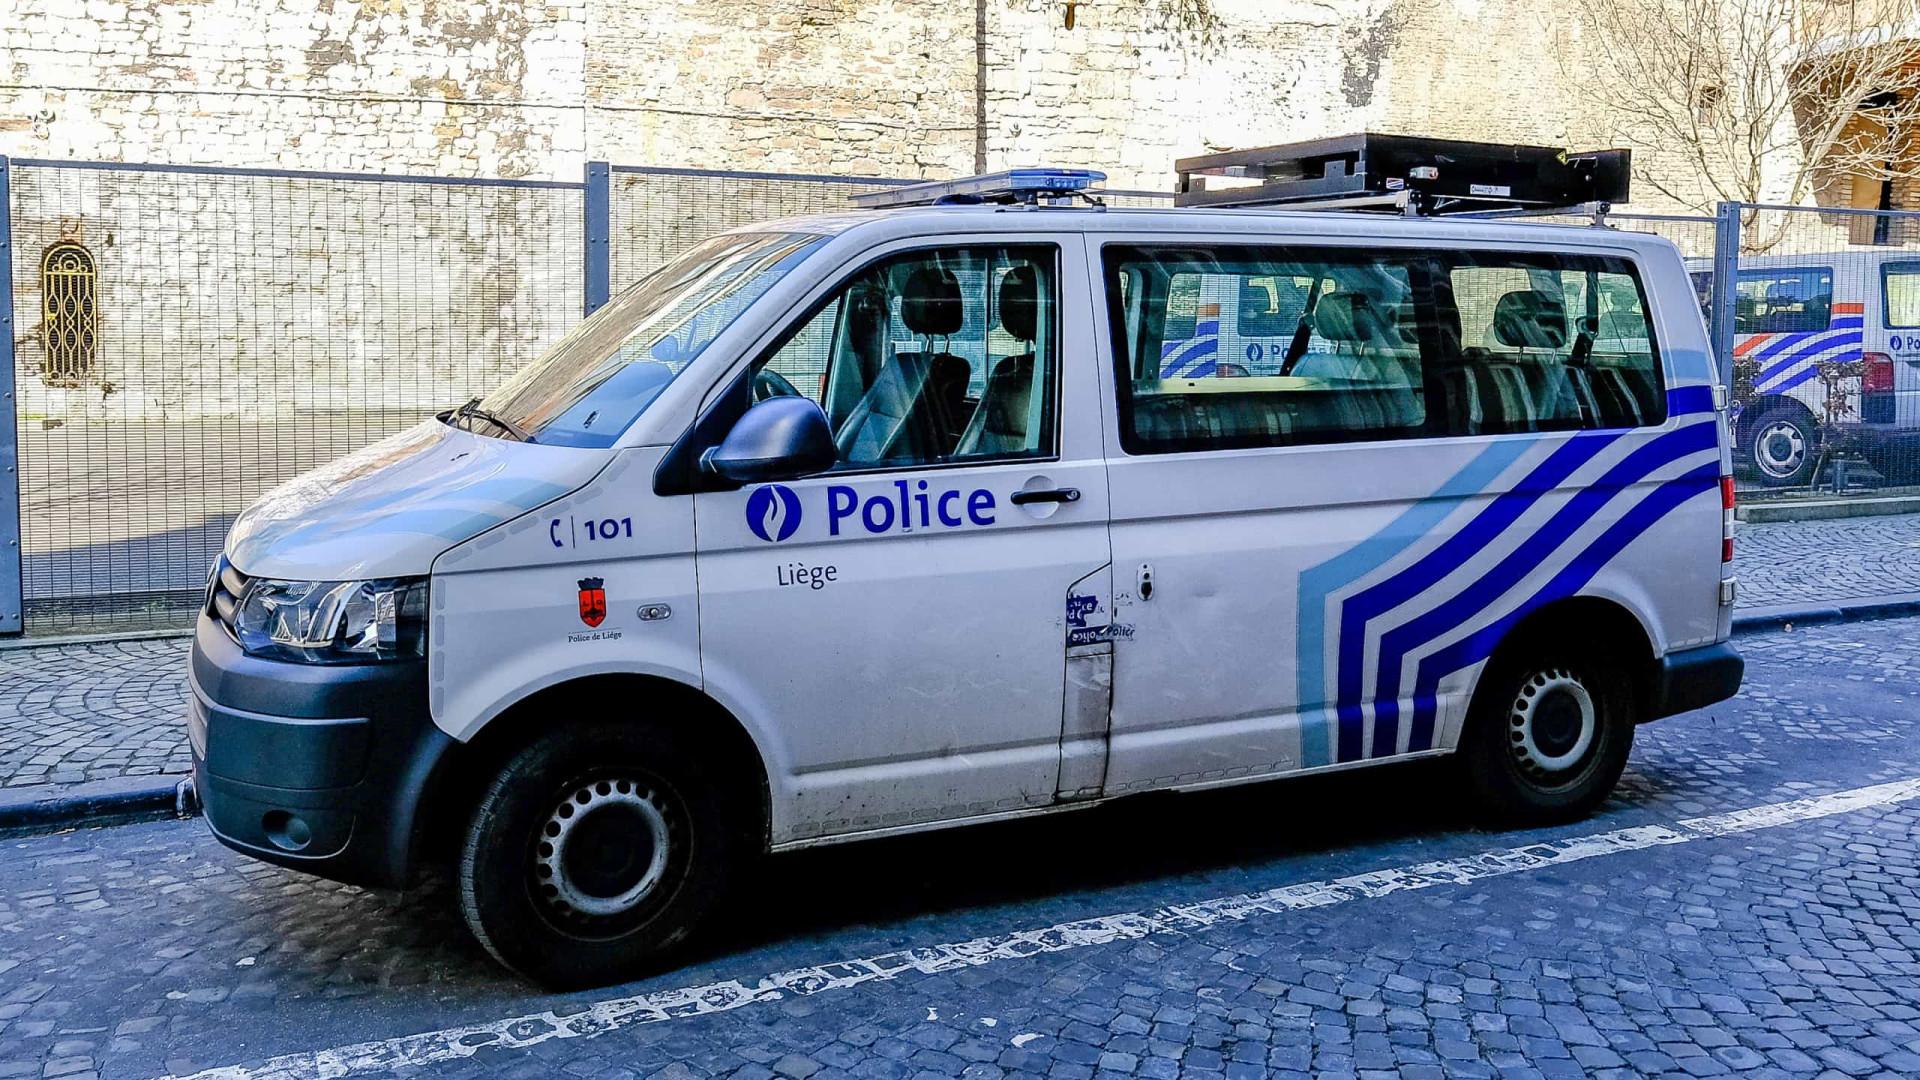 Jovem morre ao tentar fugir da polícia após festa ilegal na Bélgica